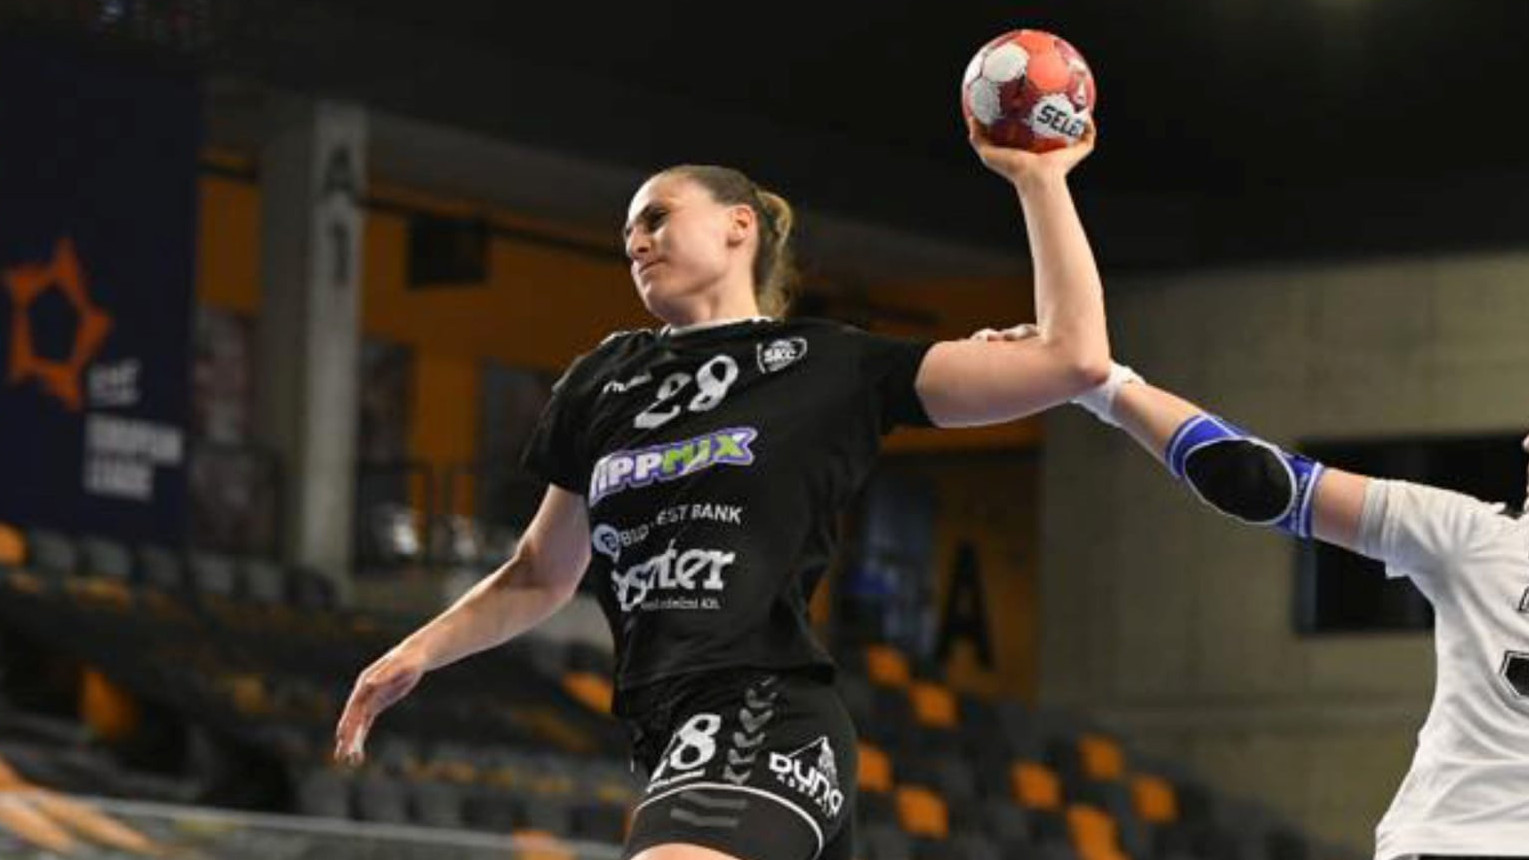 Négyes döntőben a Siófok a női kézilabda Európa-ligában